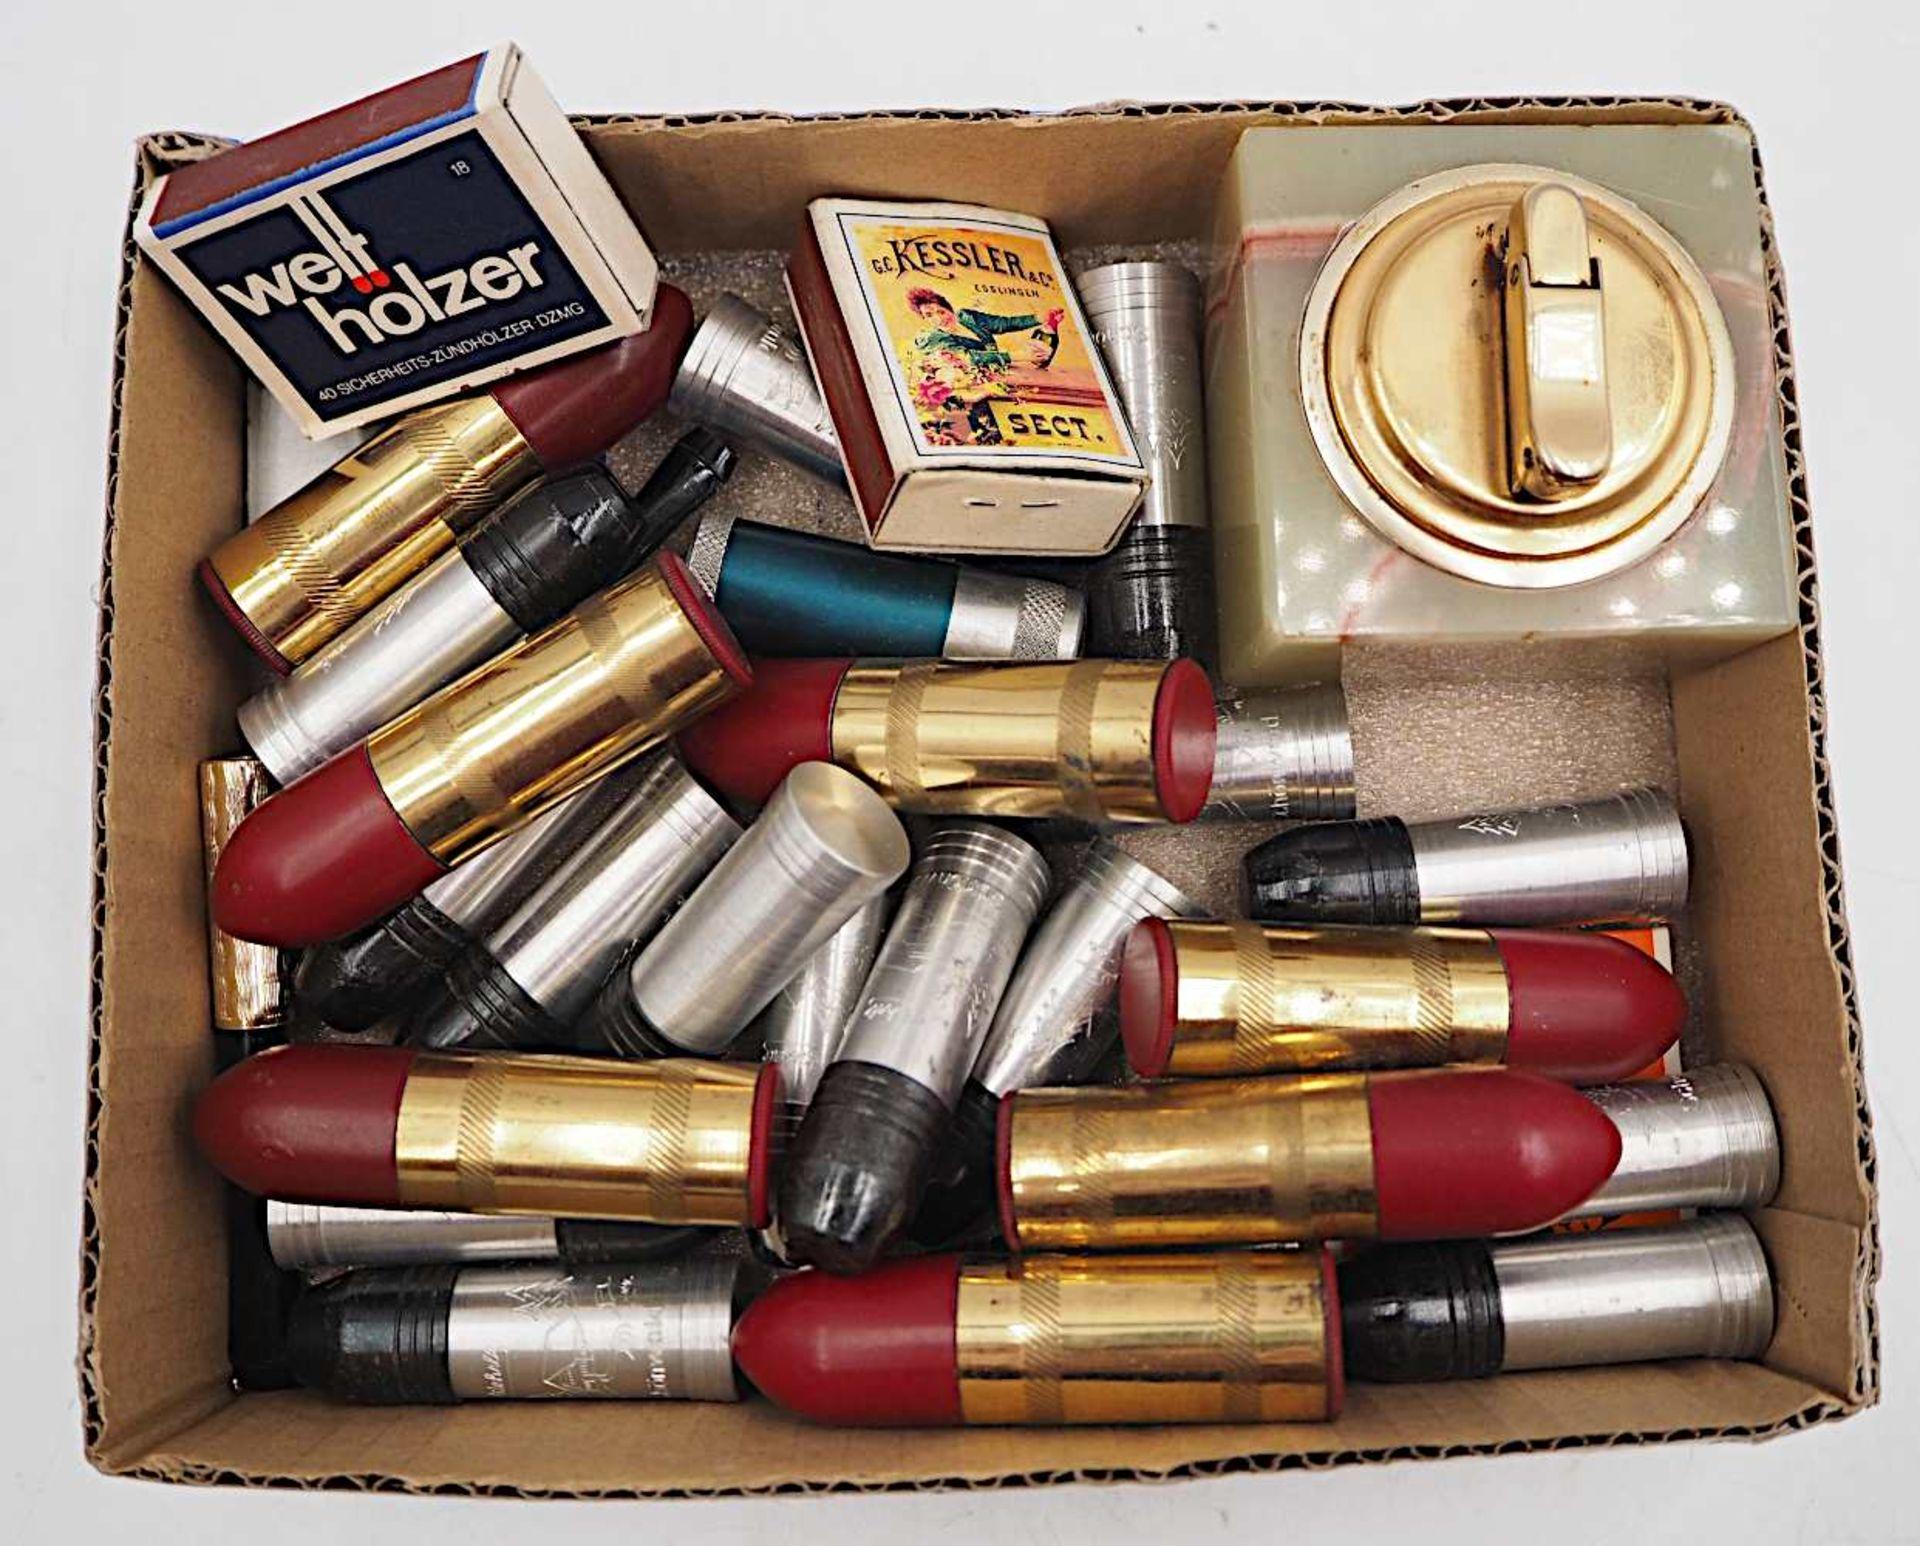 1 Konv. Zinnobjekte nztl., versch. Marken: Tabakspfeifen u.a. sowie 1 Konv. Bezinfeuer - Bild 2 aus 2